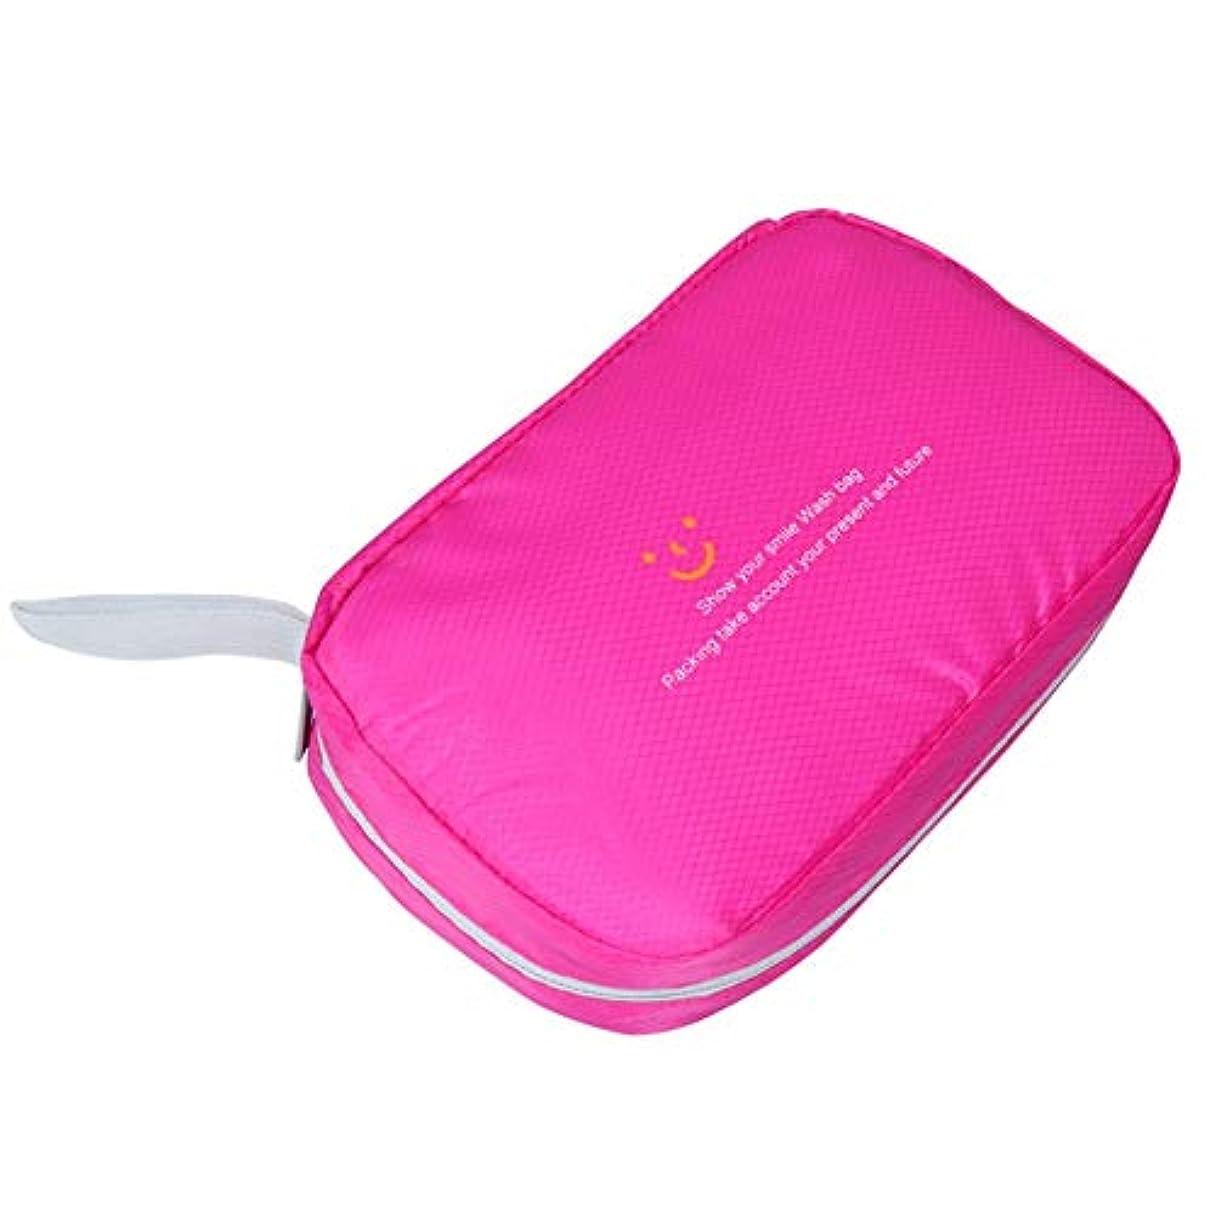 触手パリティ病んでいる特大スペース収納ビューティーボックス 美の構造のためそしてジッパーおよび折る皿が付いている女の子の女性旅行そして毎日の貯蔵のための高容量の携帯用化粧品袋 化粧品化粧台 (色 : ピンク)